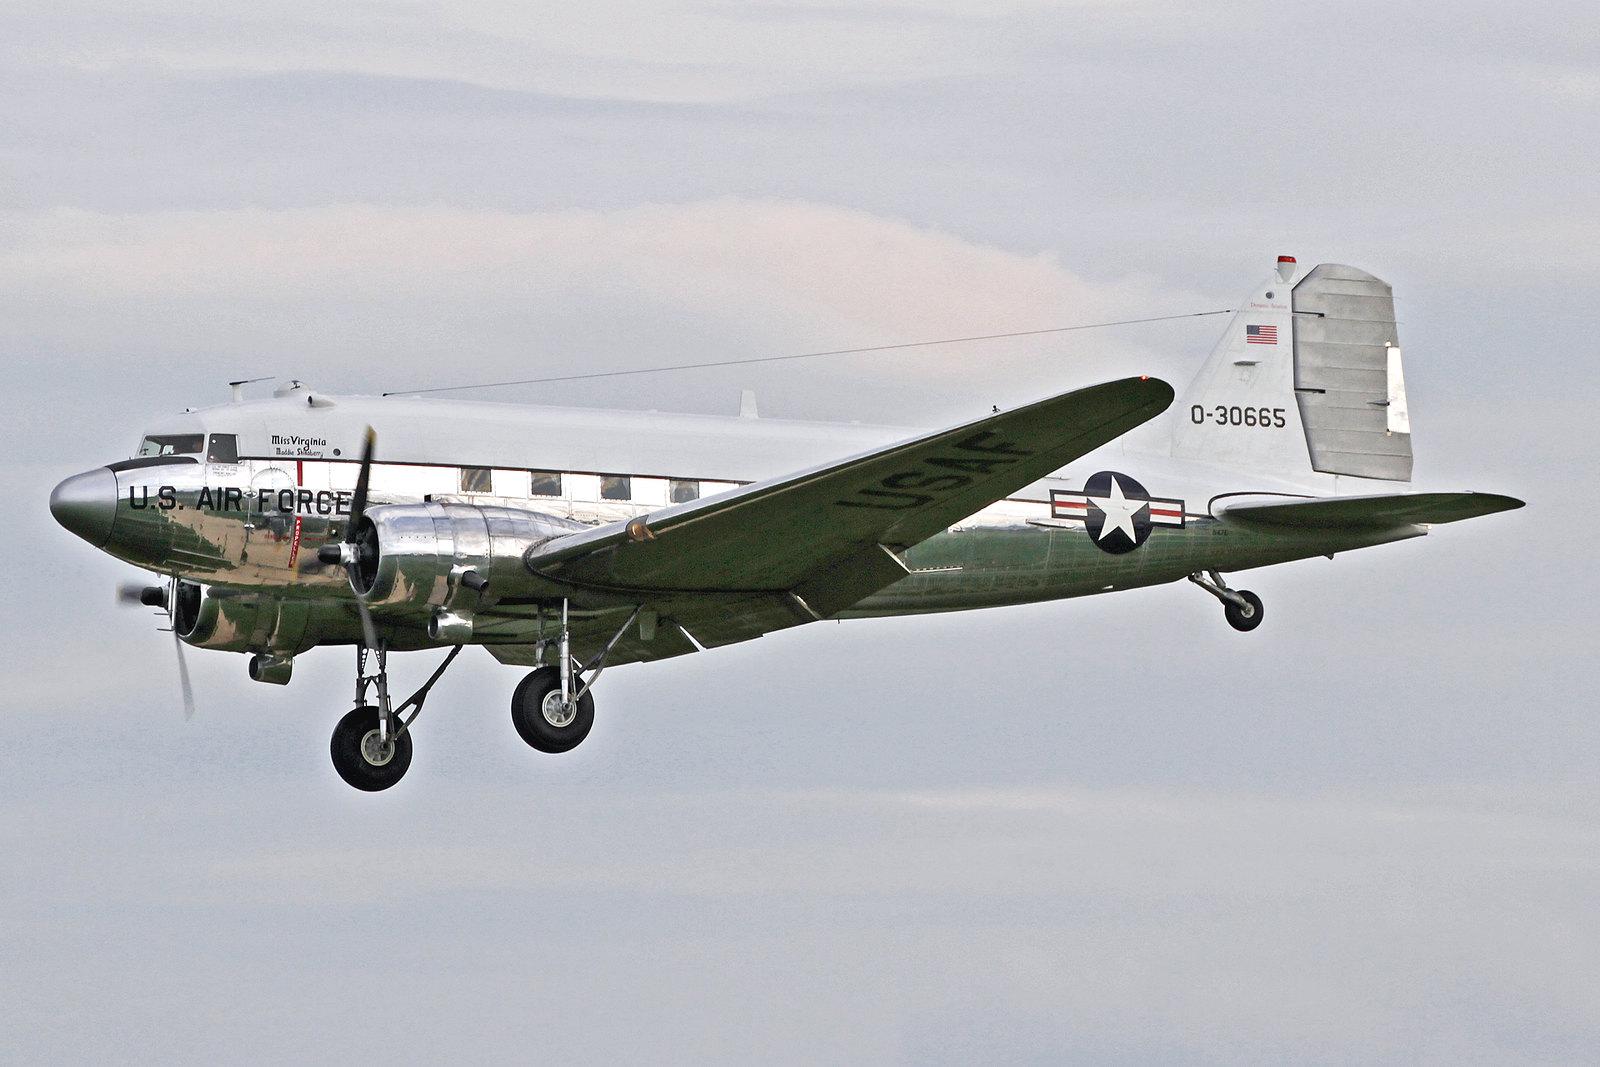 N47E - Diese C-47A-60-DL (DC-3C) wurde von Douglas in Long Beach gebaut und kam 1943 mit der Kennung 43-30665 zur United States Army Air Force. Am 23 July 2010 wurde sie von ihrem heutigen Eigner Dynamic Avlease Inc. in Bridgewater, Virginia, übernommen.